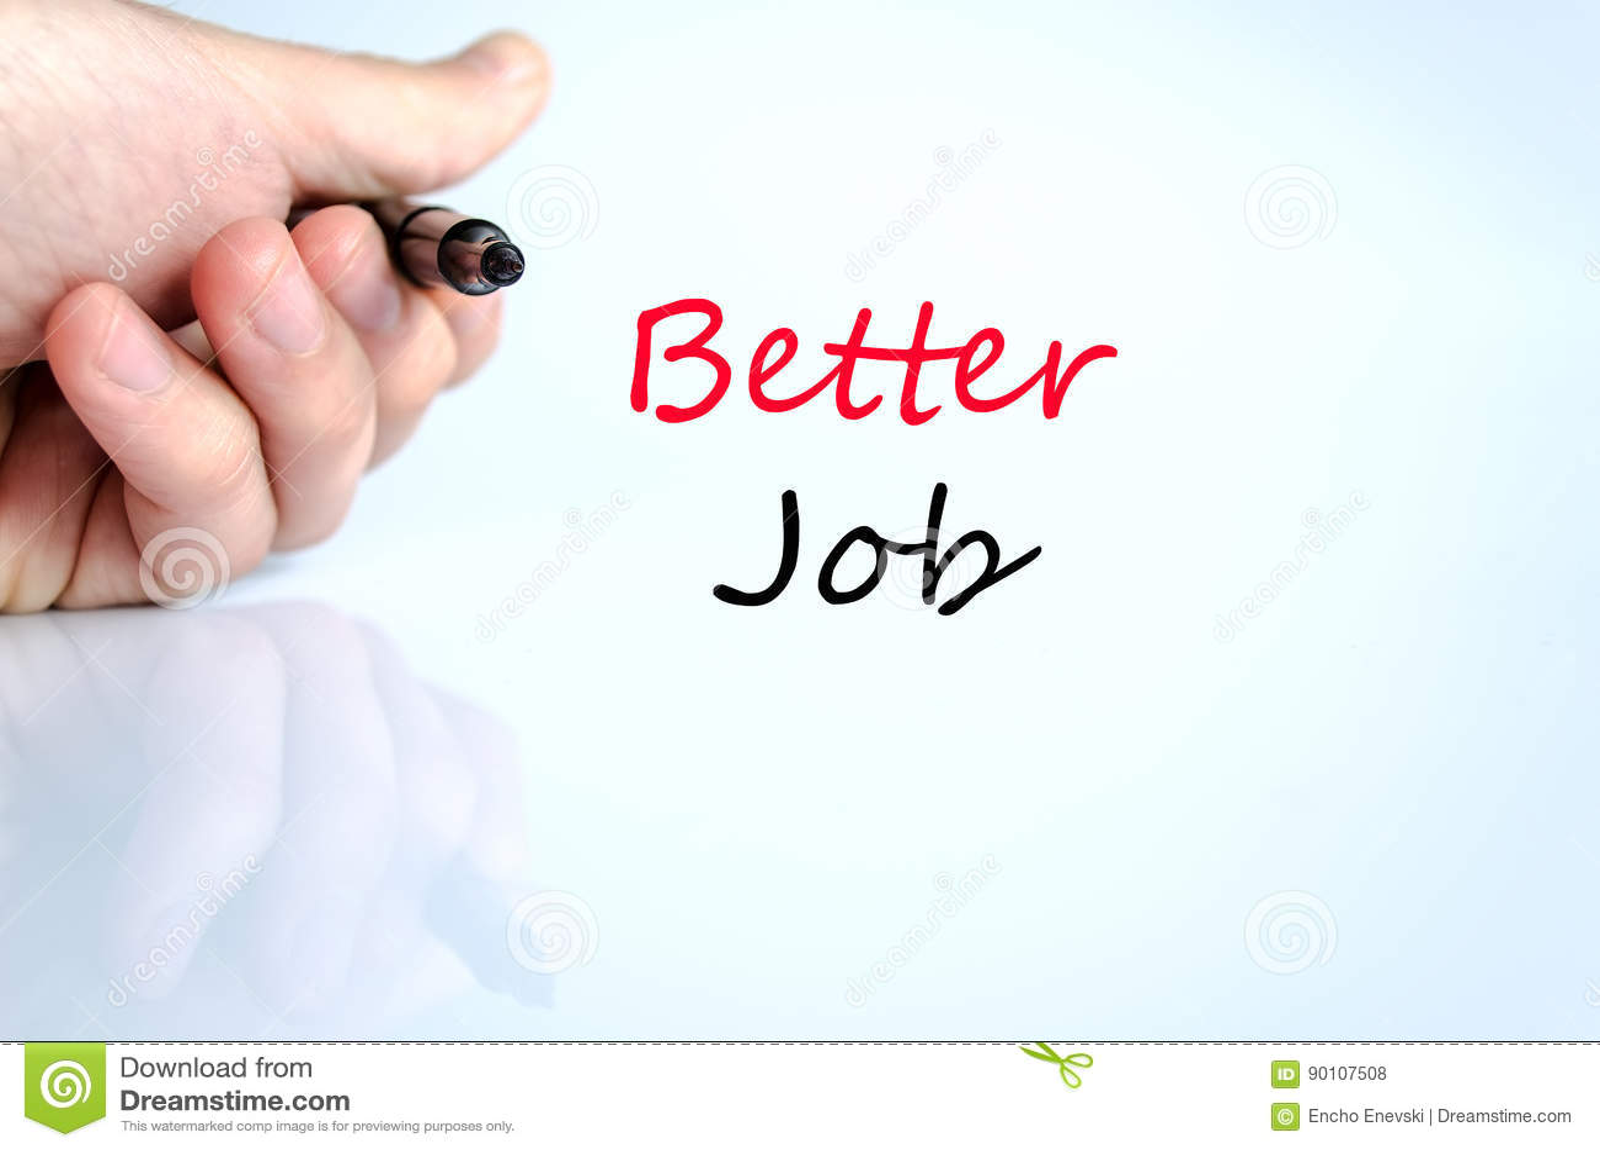 Better job text concept